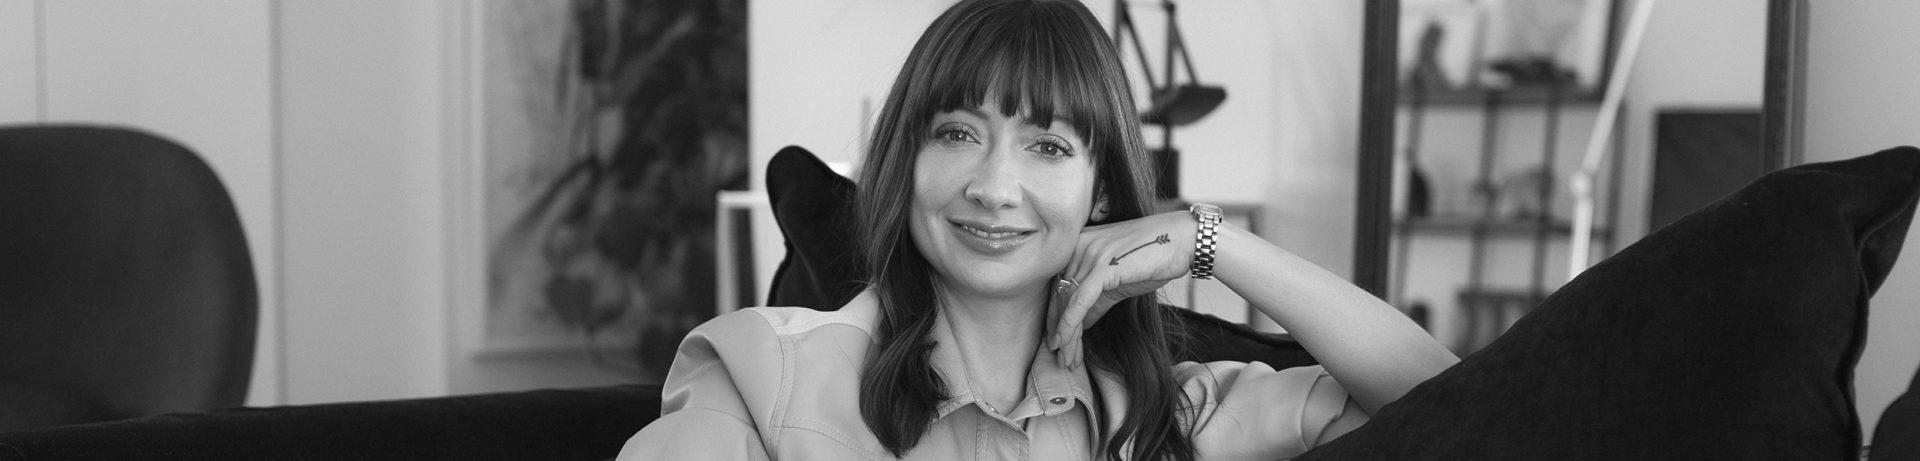 Ariane Simard styliste personnelle